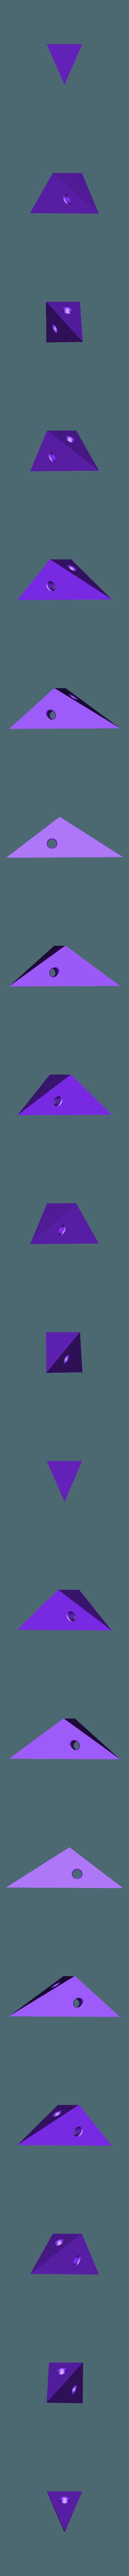 center_part.stl Télécharger fichier STL gratuit Porte-casque • Plan pour imprimante 3D, marcossierra